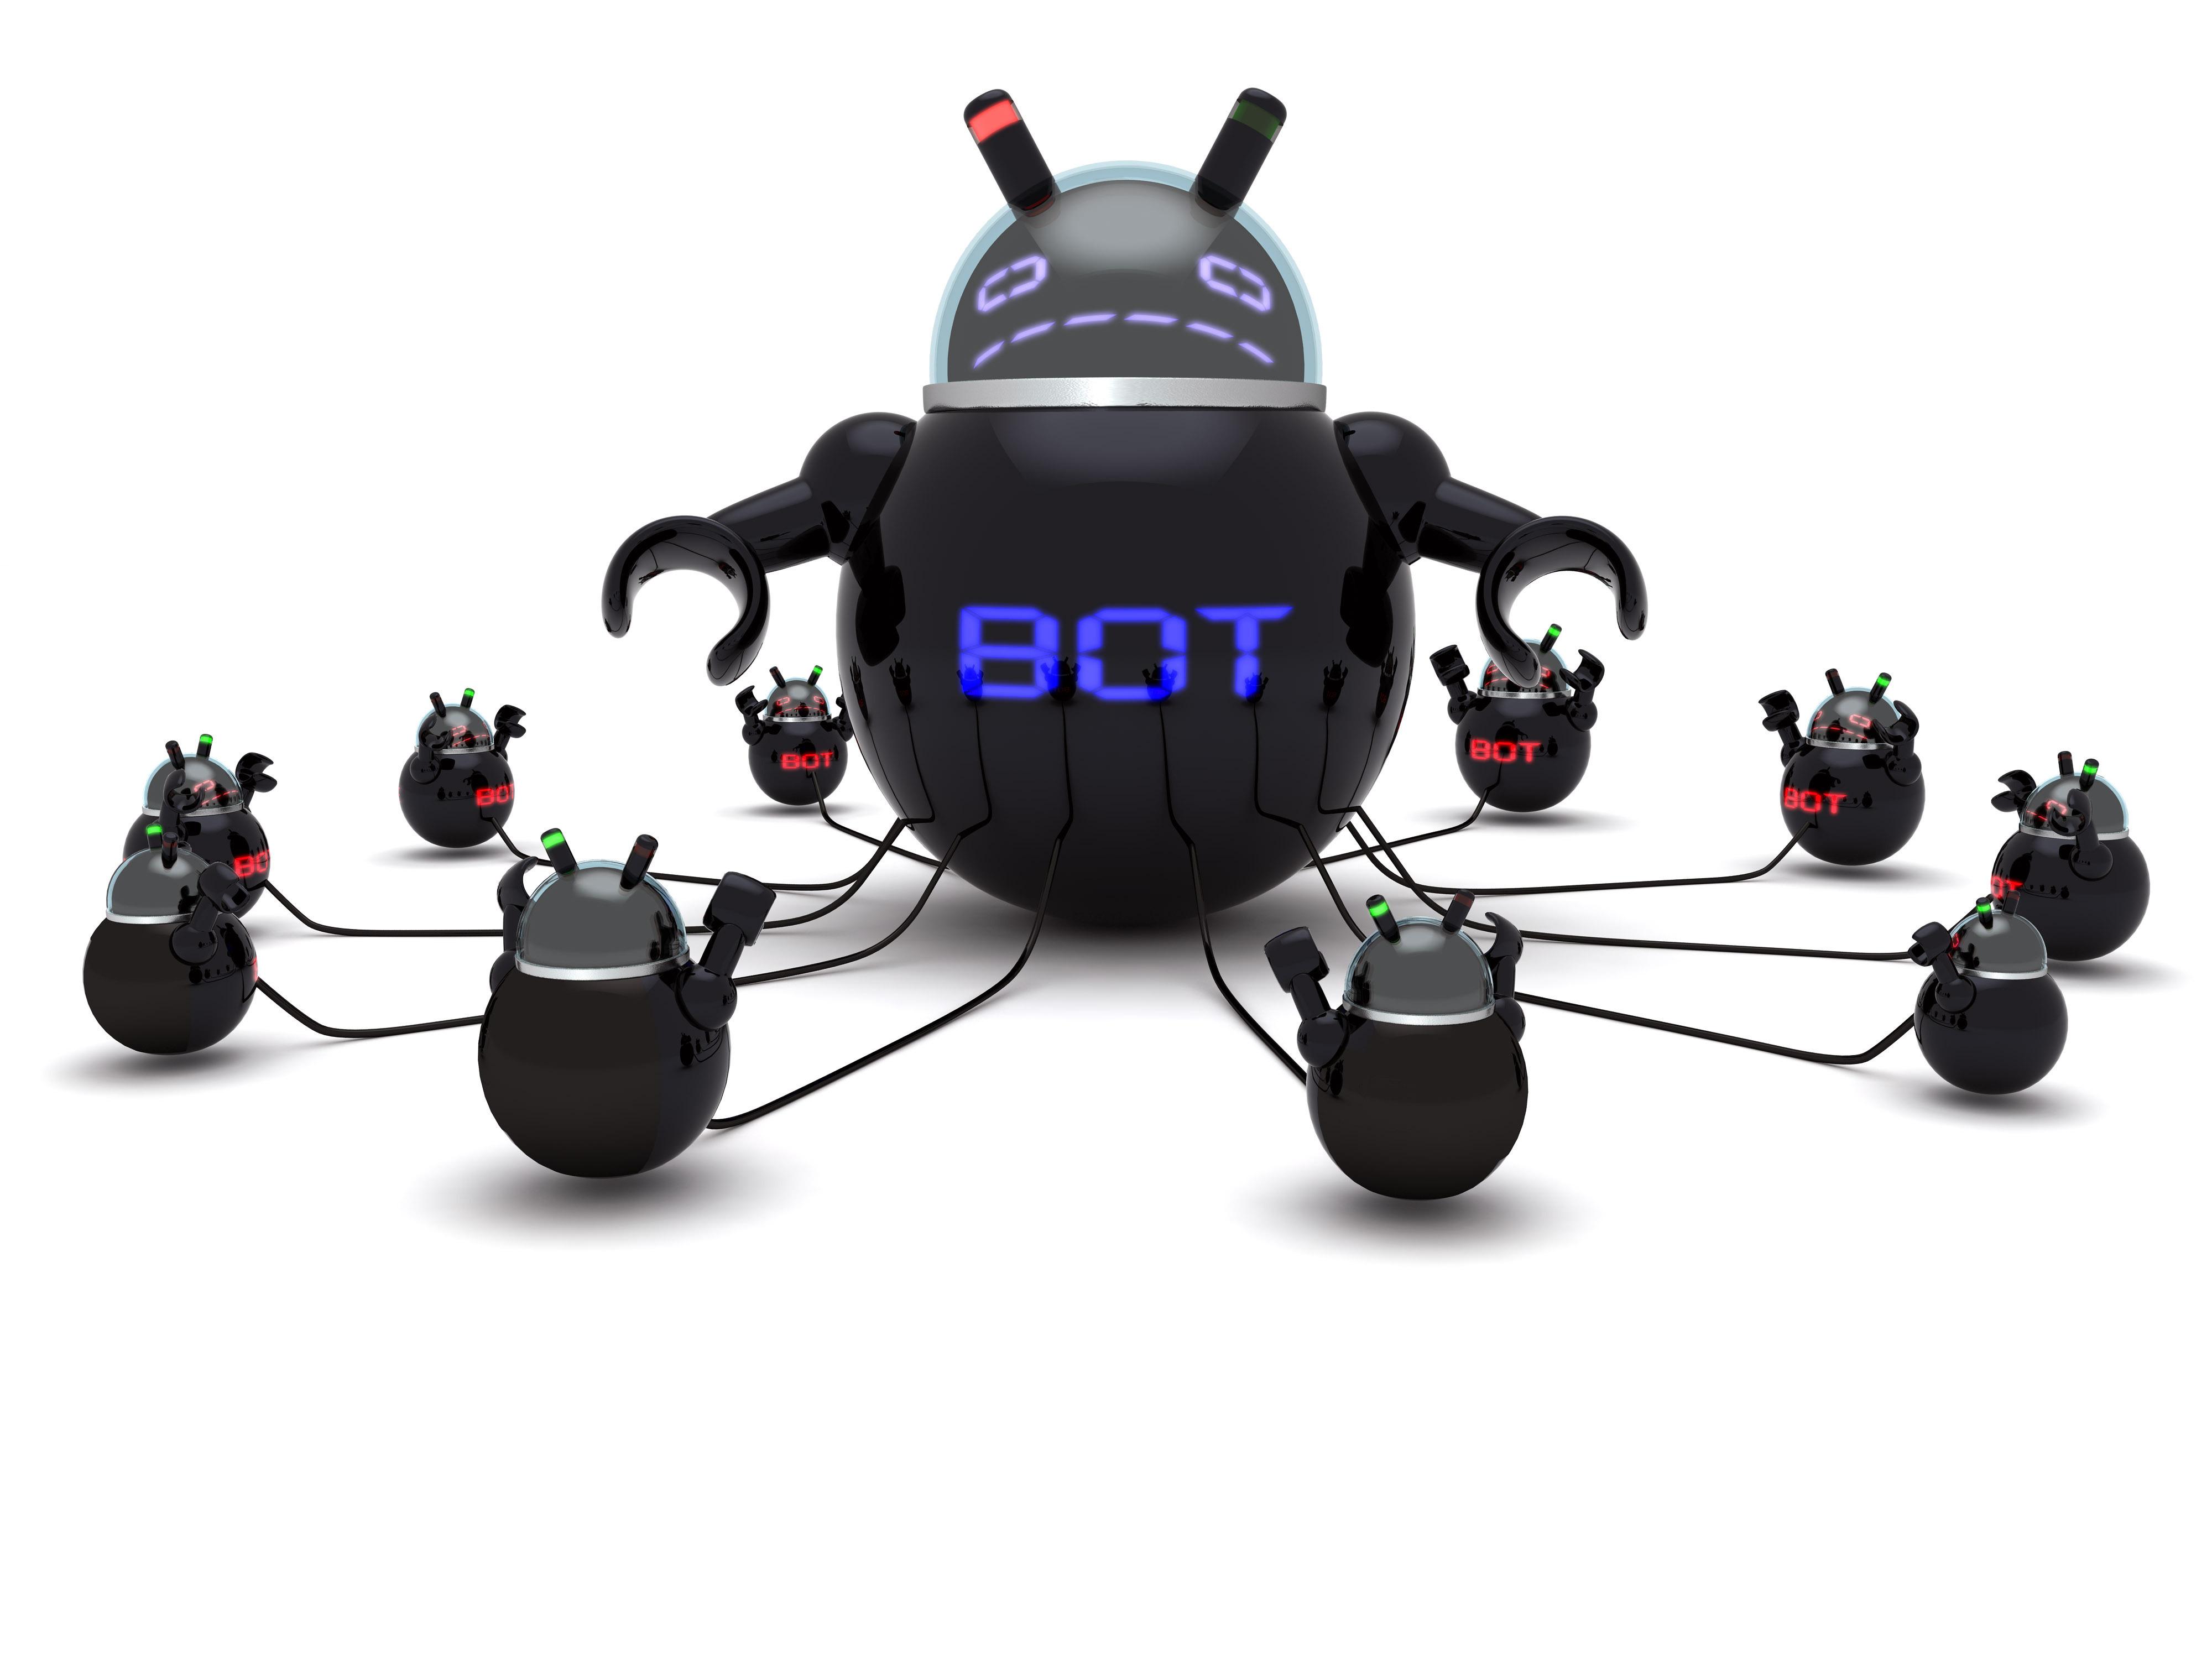 DAHUA Botnet